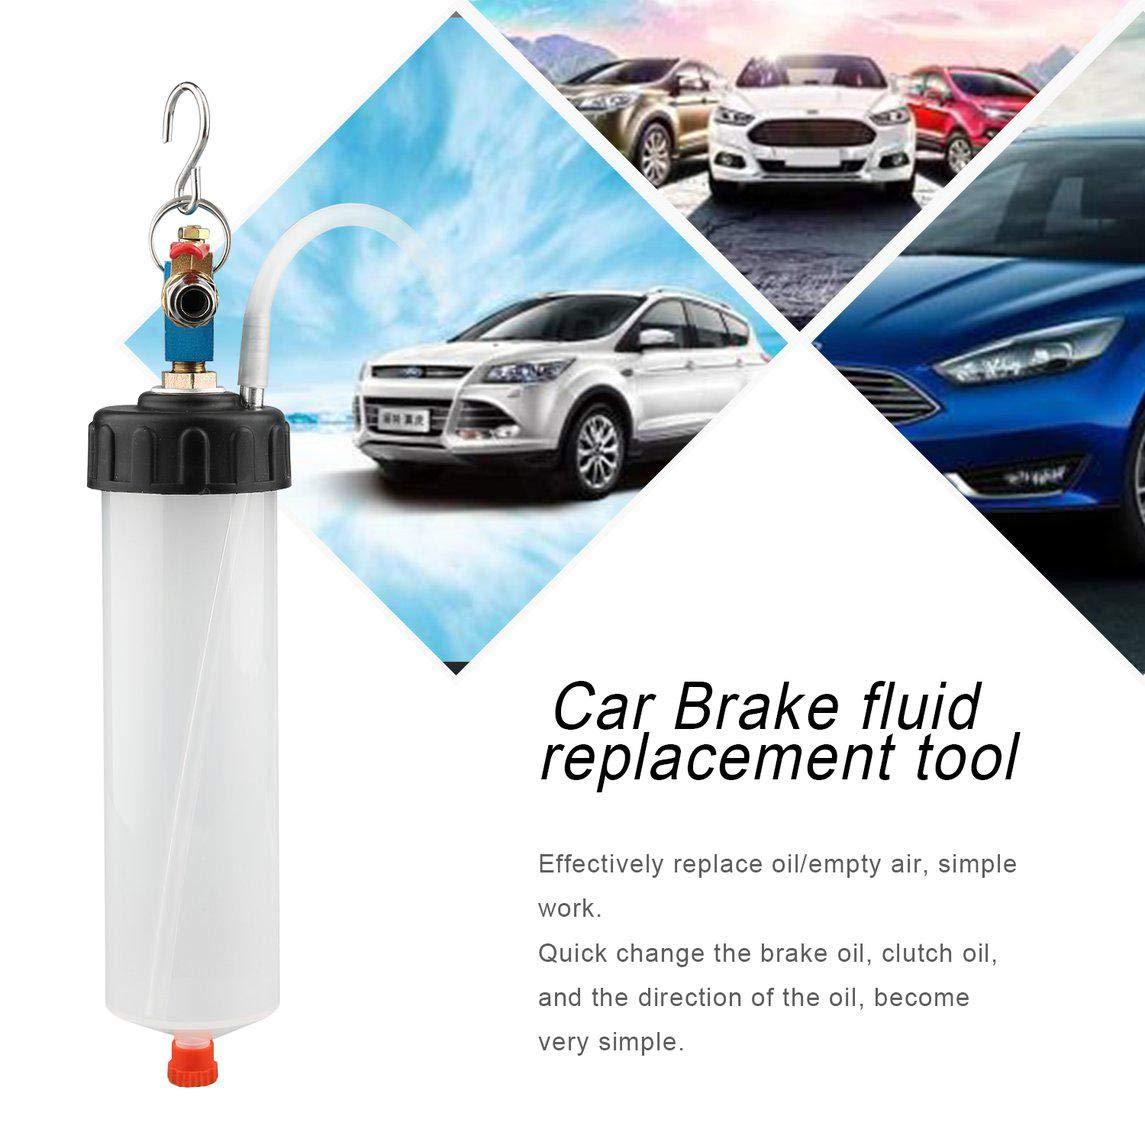 Herramienta de recambio de líquido de freno de coche para herramienta de freno de coche: Amazon.es: Bricolaje y herramientas